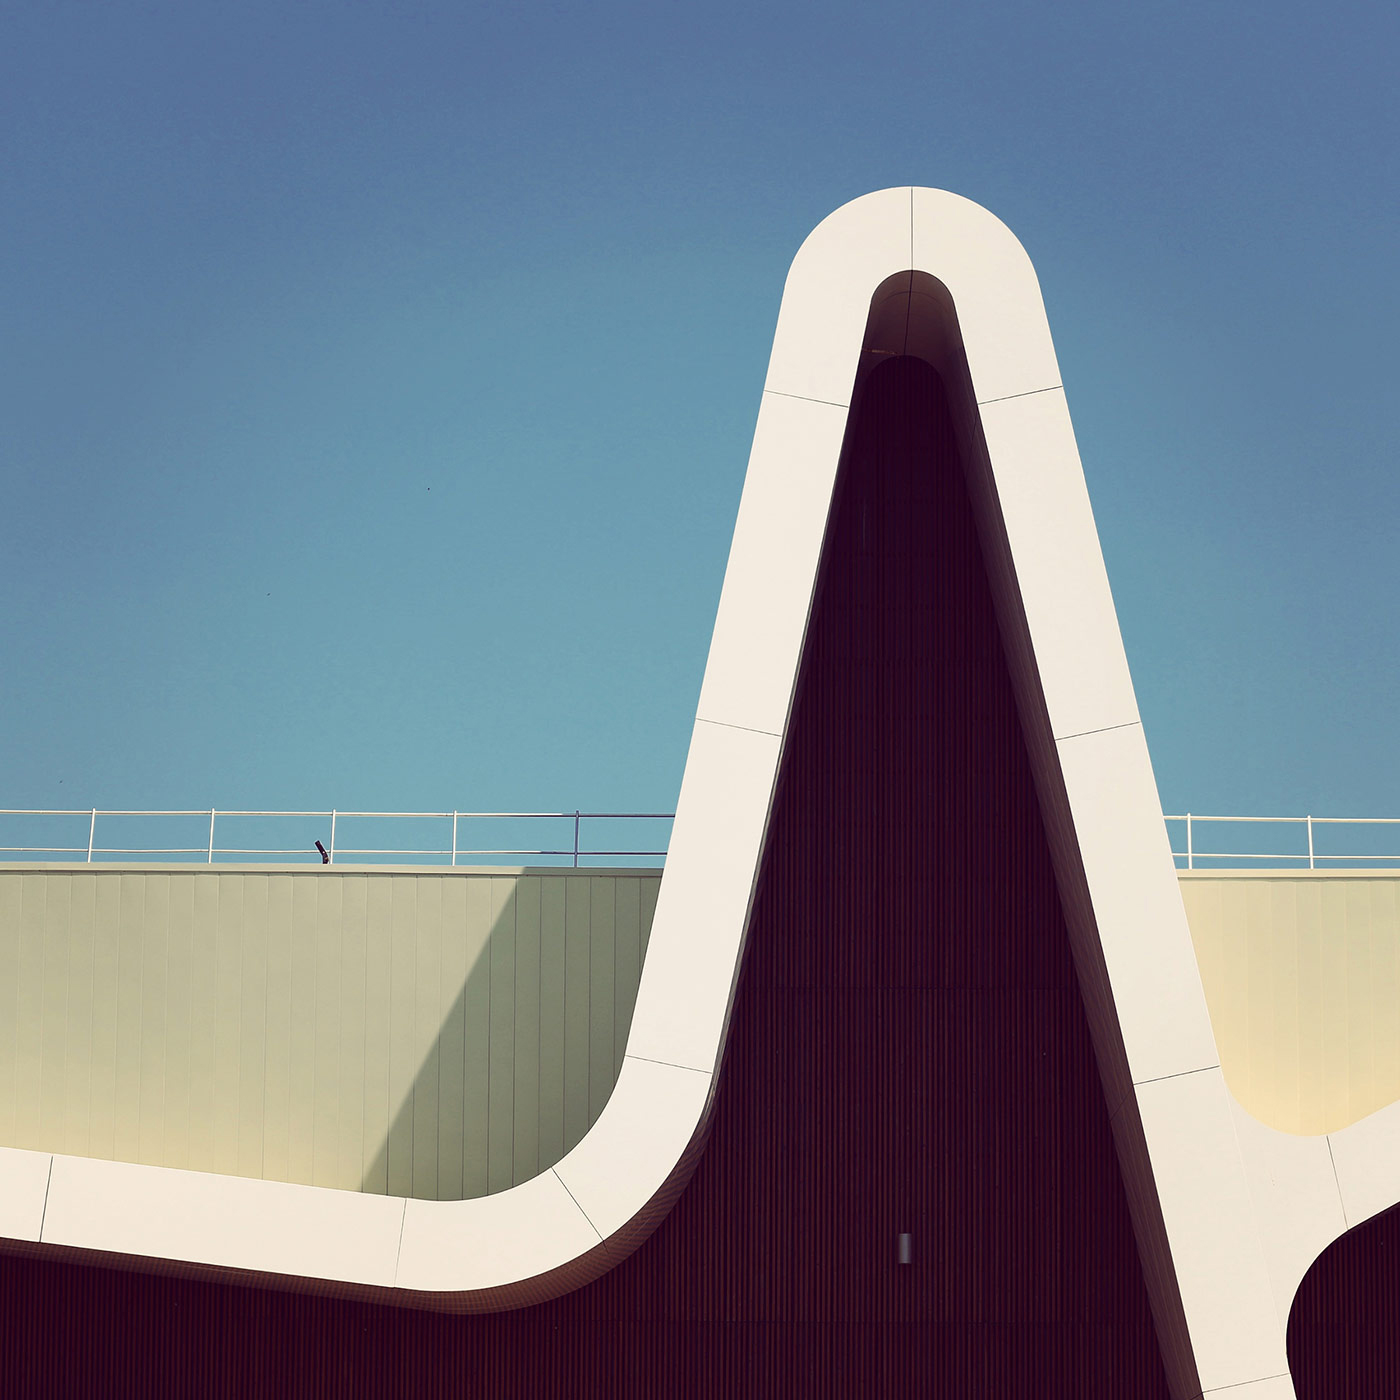 Les Océanides Mall <br />Location: La Teste-de-Buch, France <br />Architect: Atelier REC